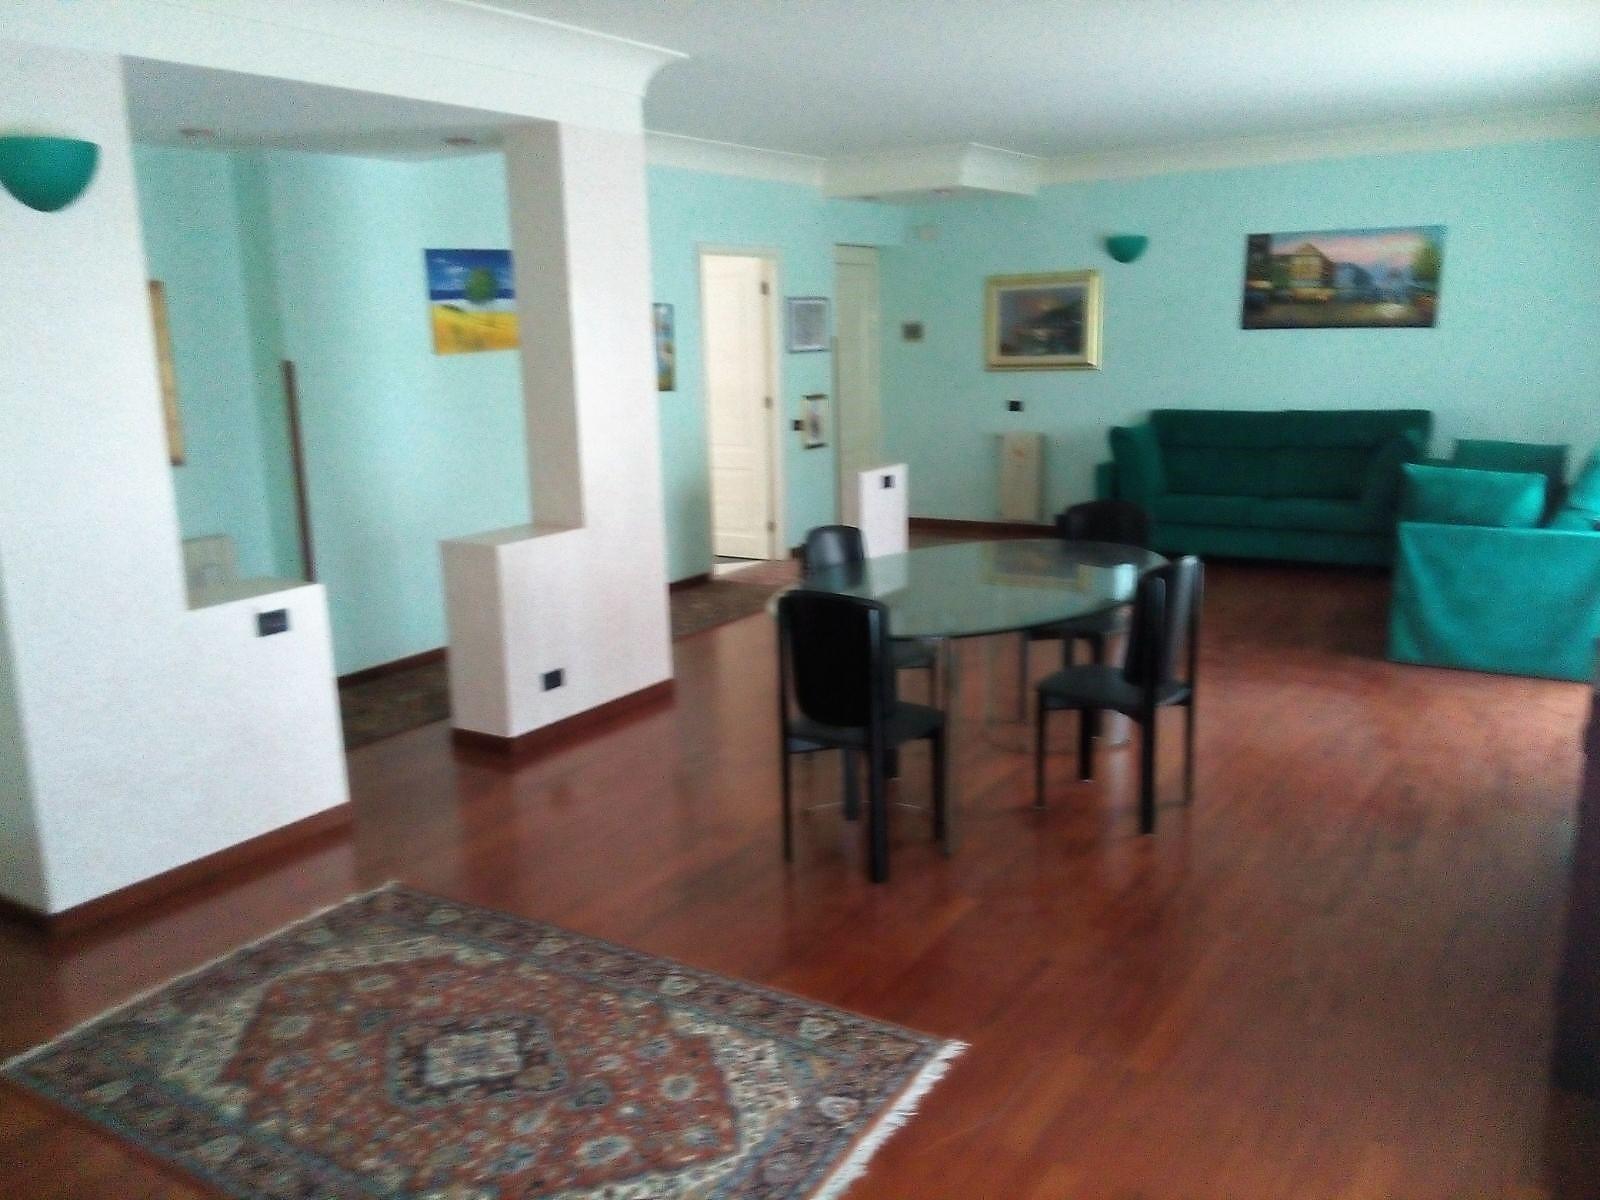 Appartamento in affitto a Agrigento, 5 locali, zona Località: Quadrivio, prezzo € 600 | CambioCasa.it